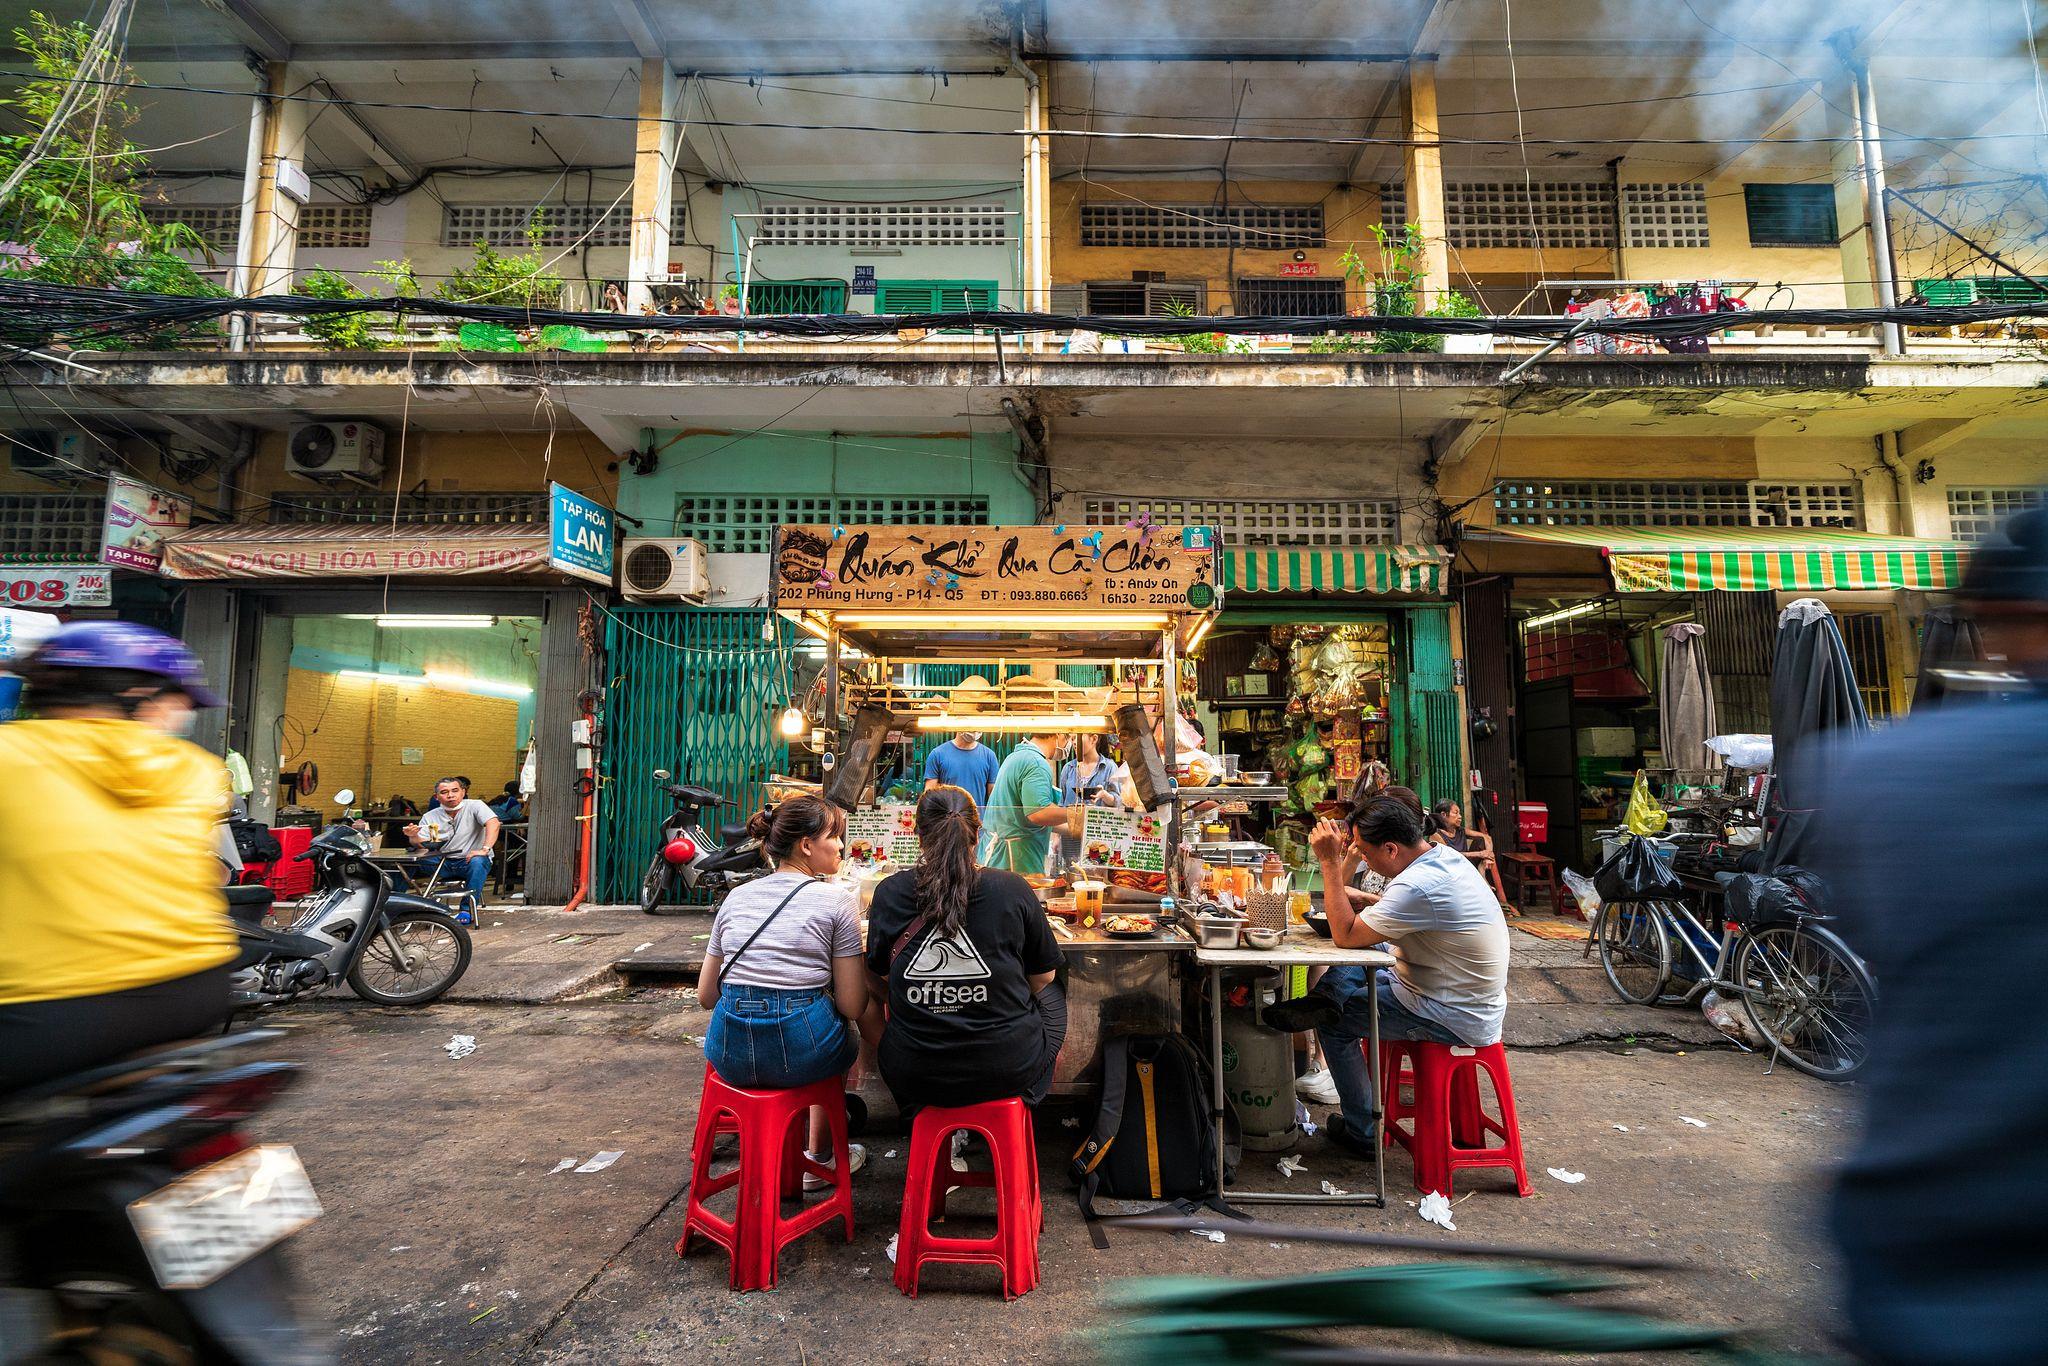 Khổ qua cà chớn, Khổ qua cà ớt - Đặc sản phố người Hoa Sài Gòn 4